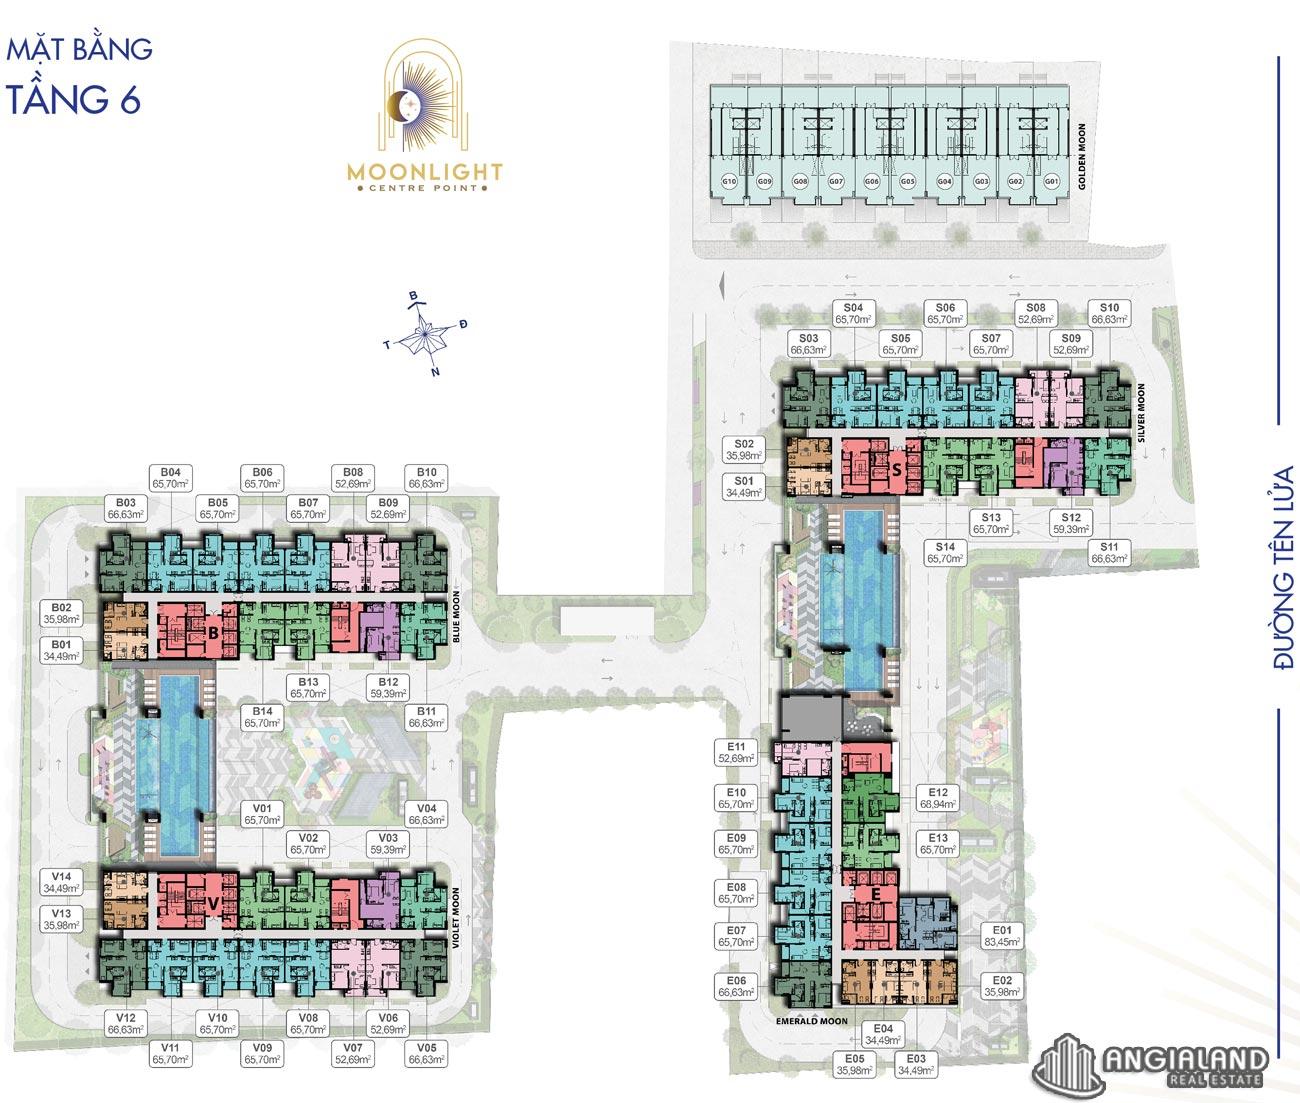 Mặt bằng tầng 6 căn hộ Moonlight Centre Point Hưng Thịnh Q.Bình Tân